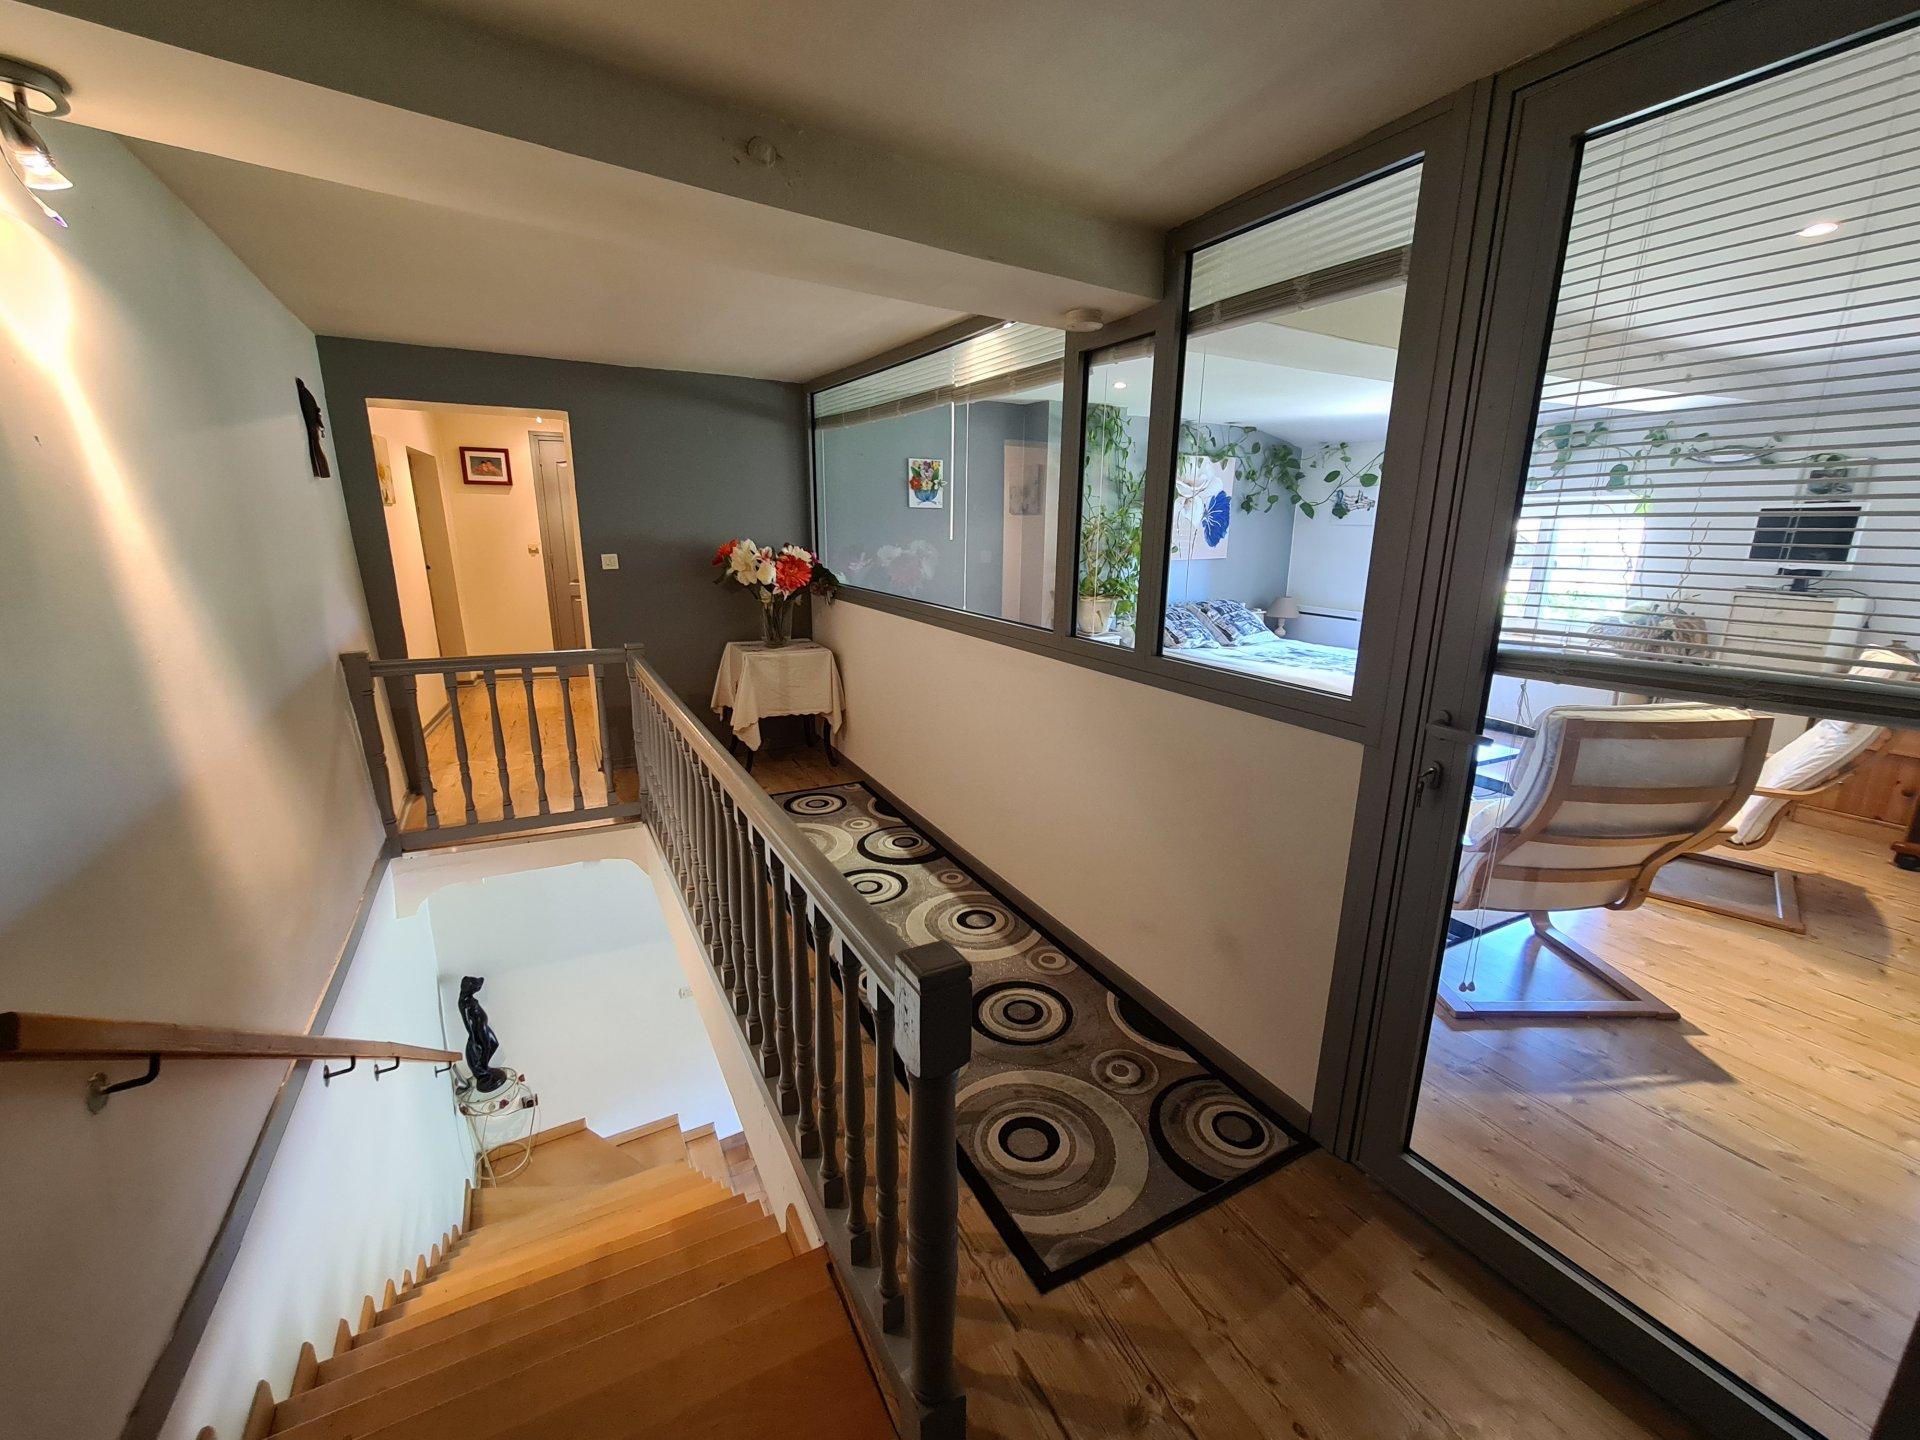 SAINT JUST CHALEYSSIN, Maison de village T5 de 188 m² avec jardin